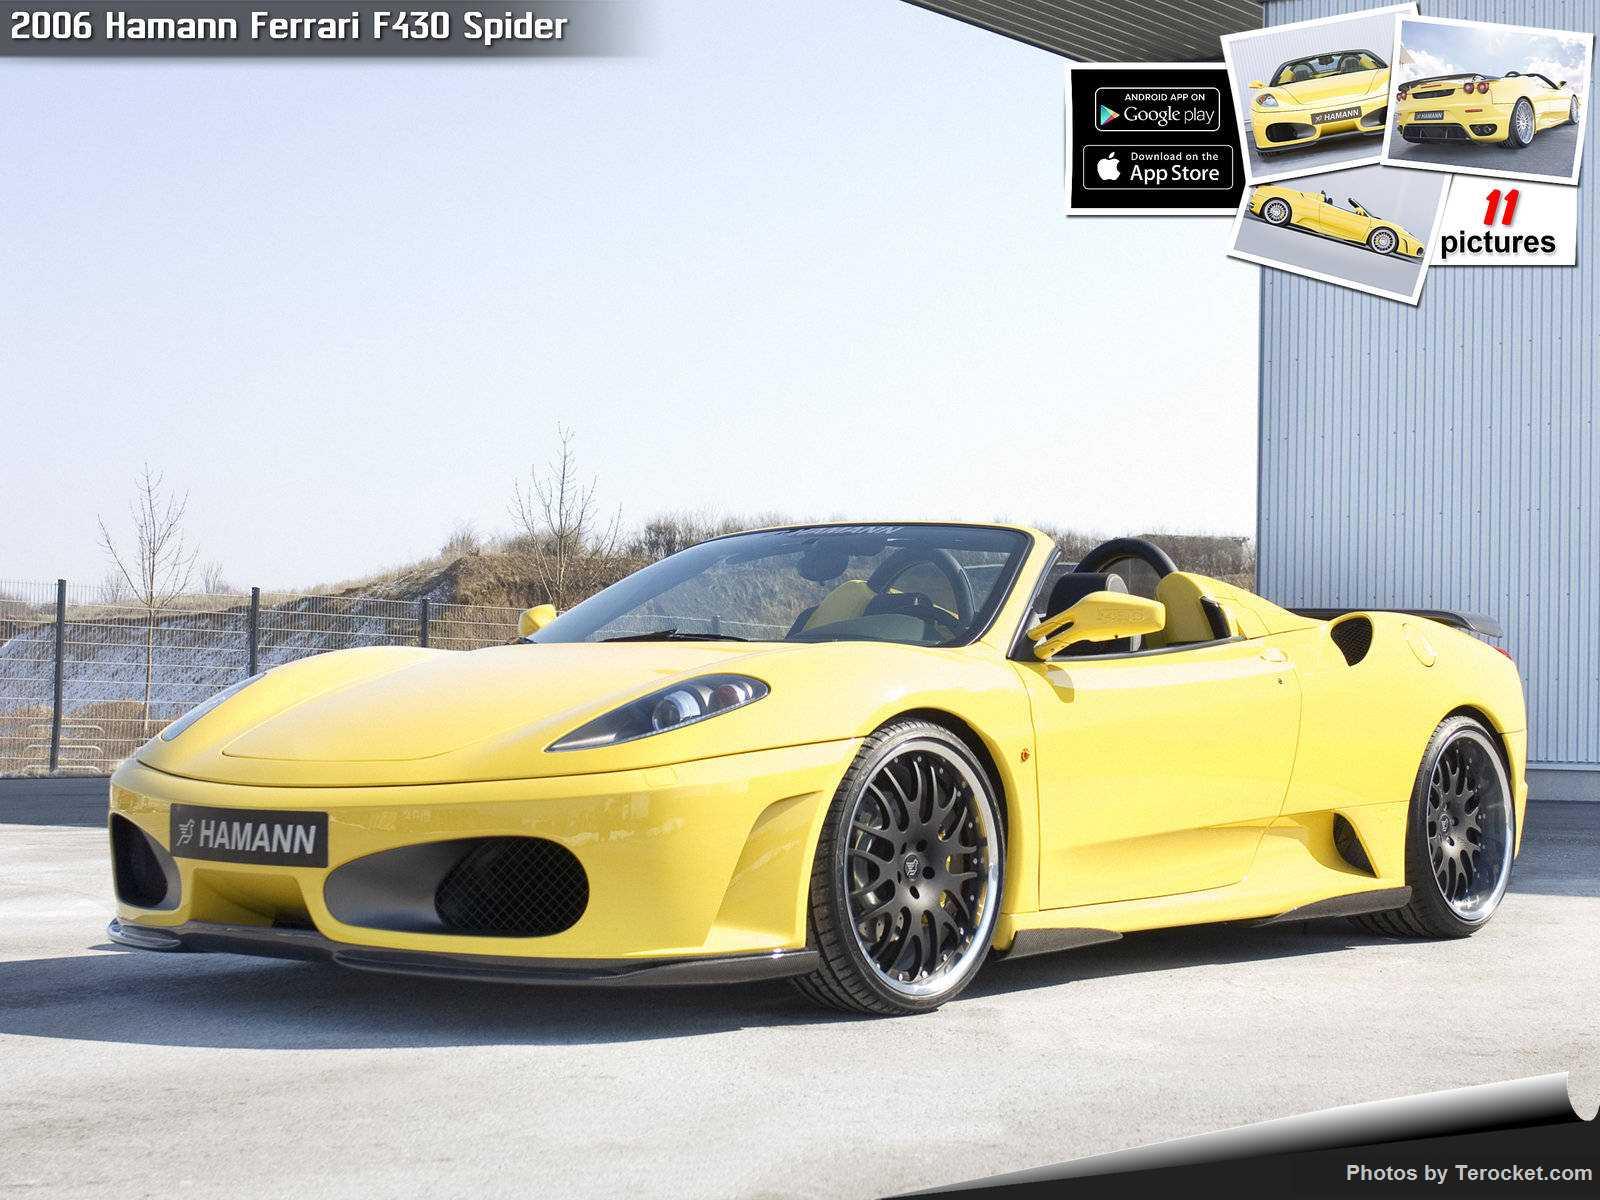 Hình ảnh xe ô tô Hamann Ferrari F430 Spider 2006 & nội ngoại thất